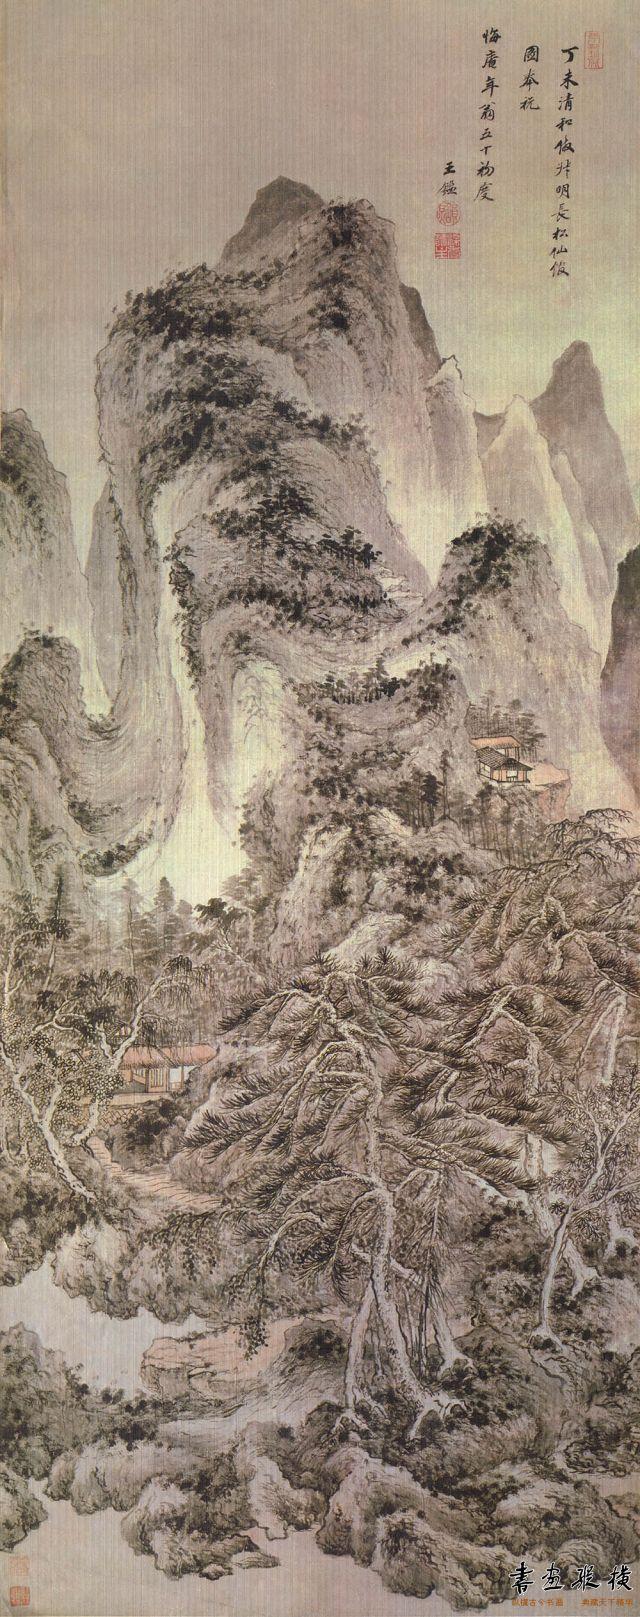 清 王鉴 长松仙馆图 纸本 墨笔 纵138.2厘米 横54.5厘米 故宫博物院藏